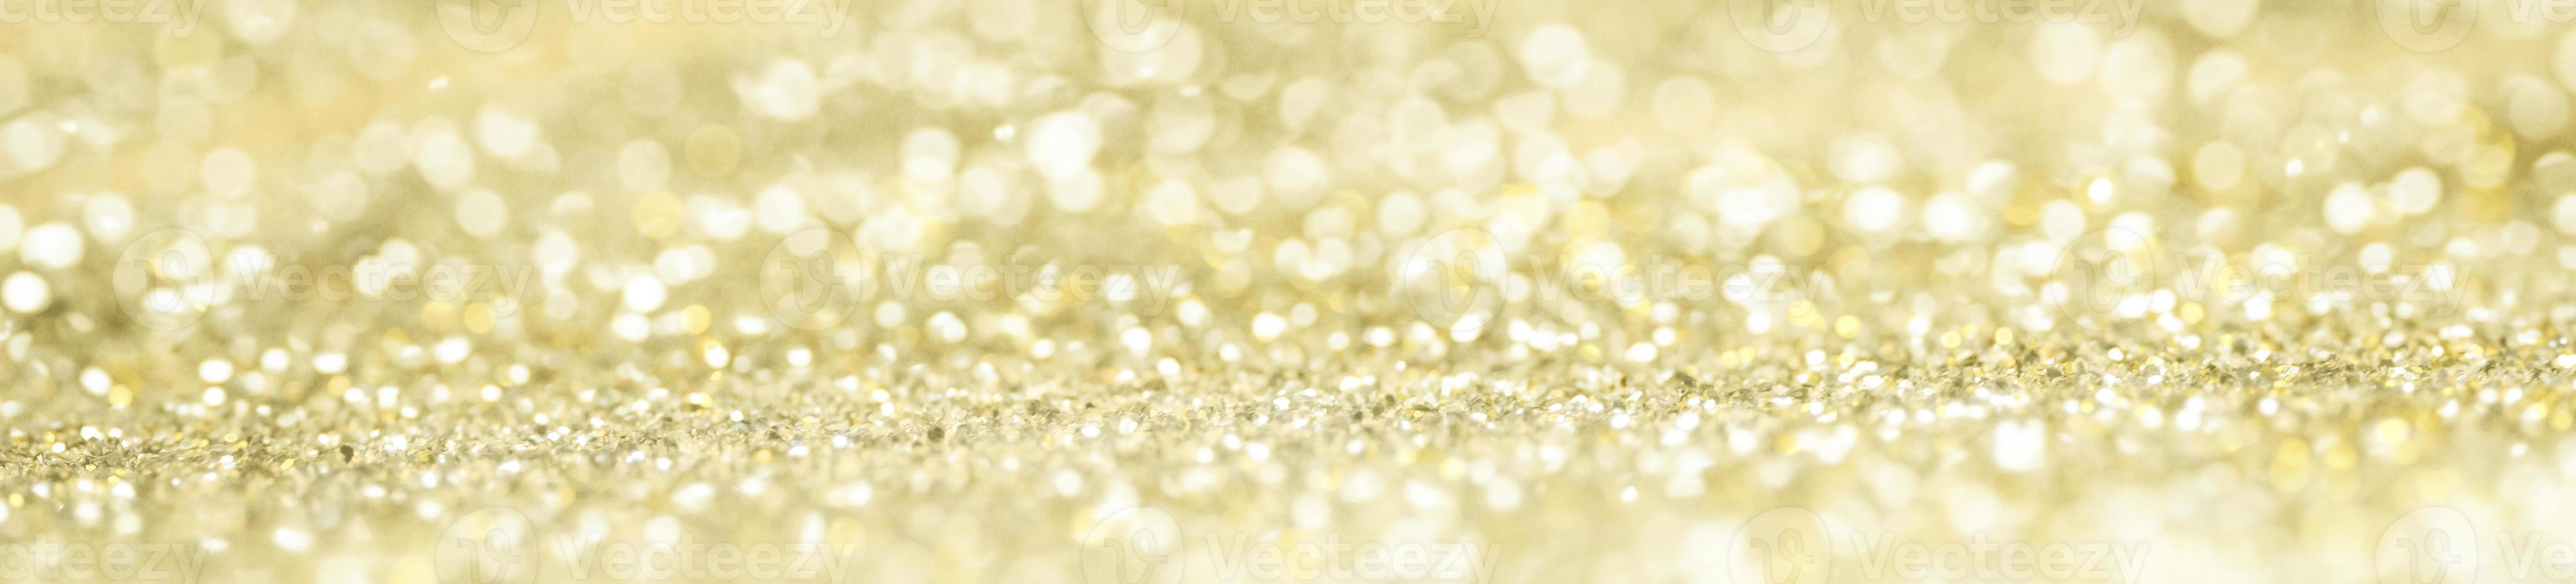 bannière de bokeh de paillettes d'or photo